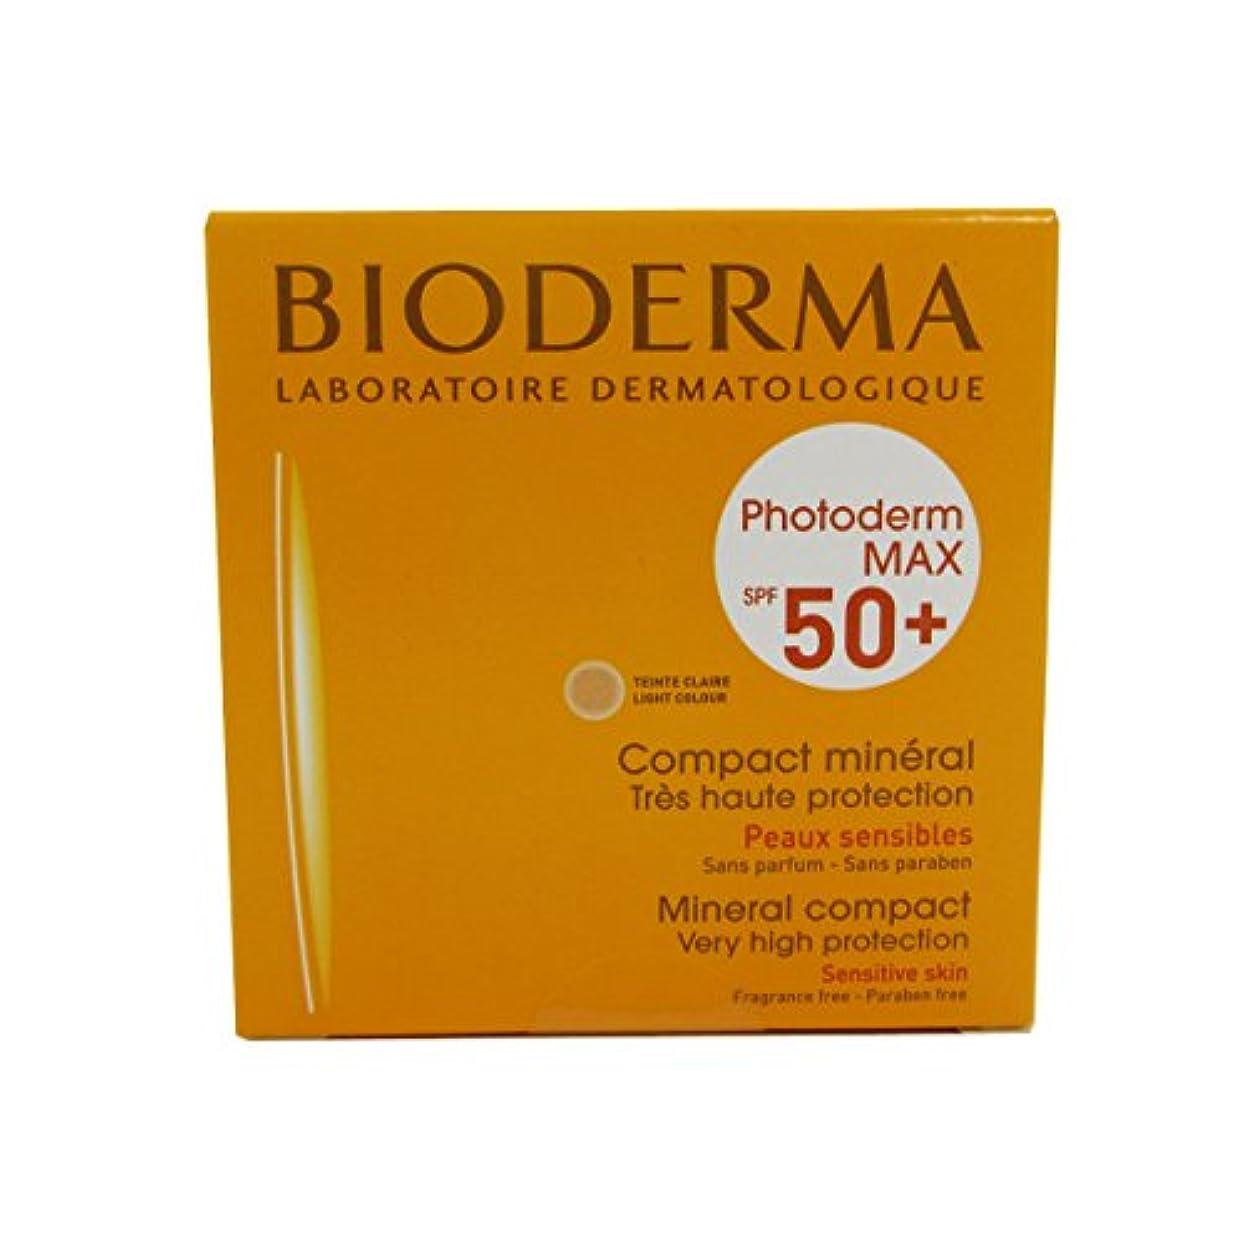 砂主張する締めるBioderma Photoderm Max Compact Mineral 50+ Light 10g [並行輸入品]